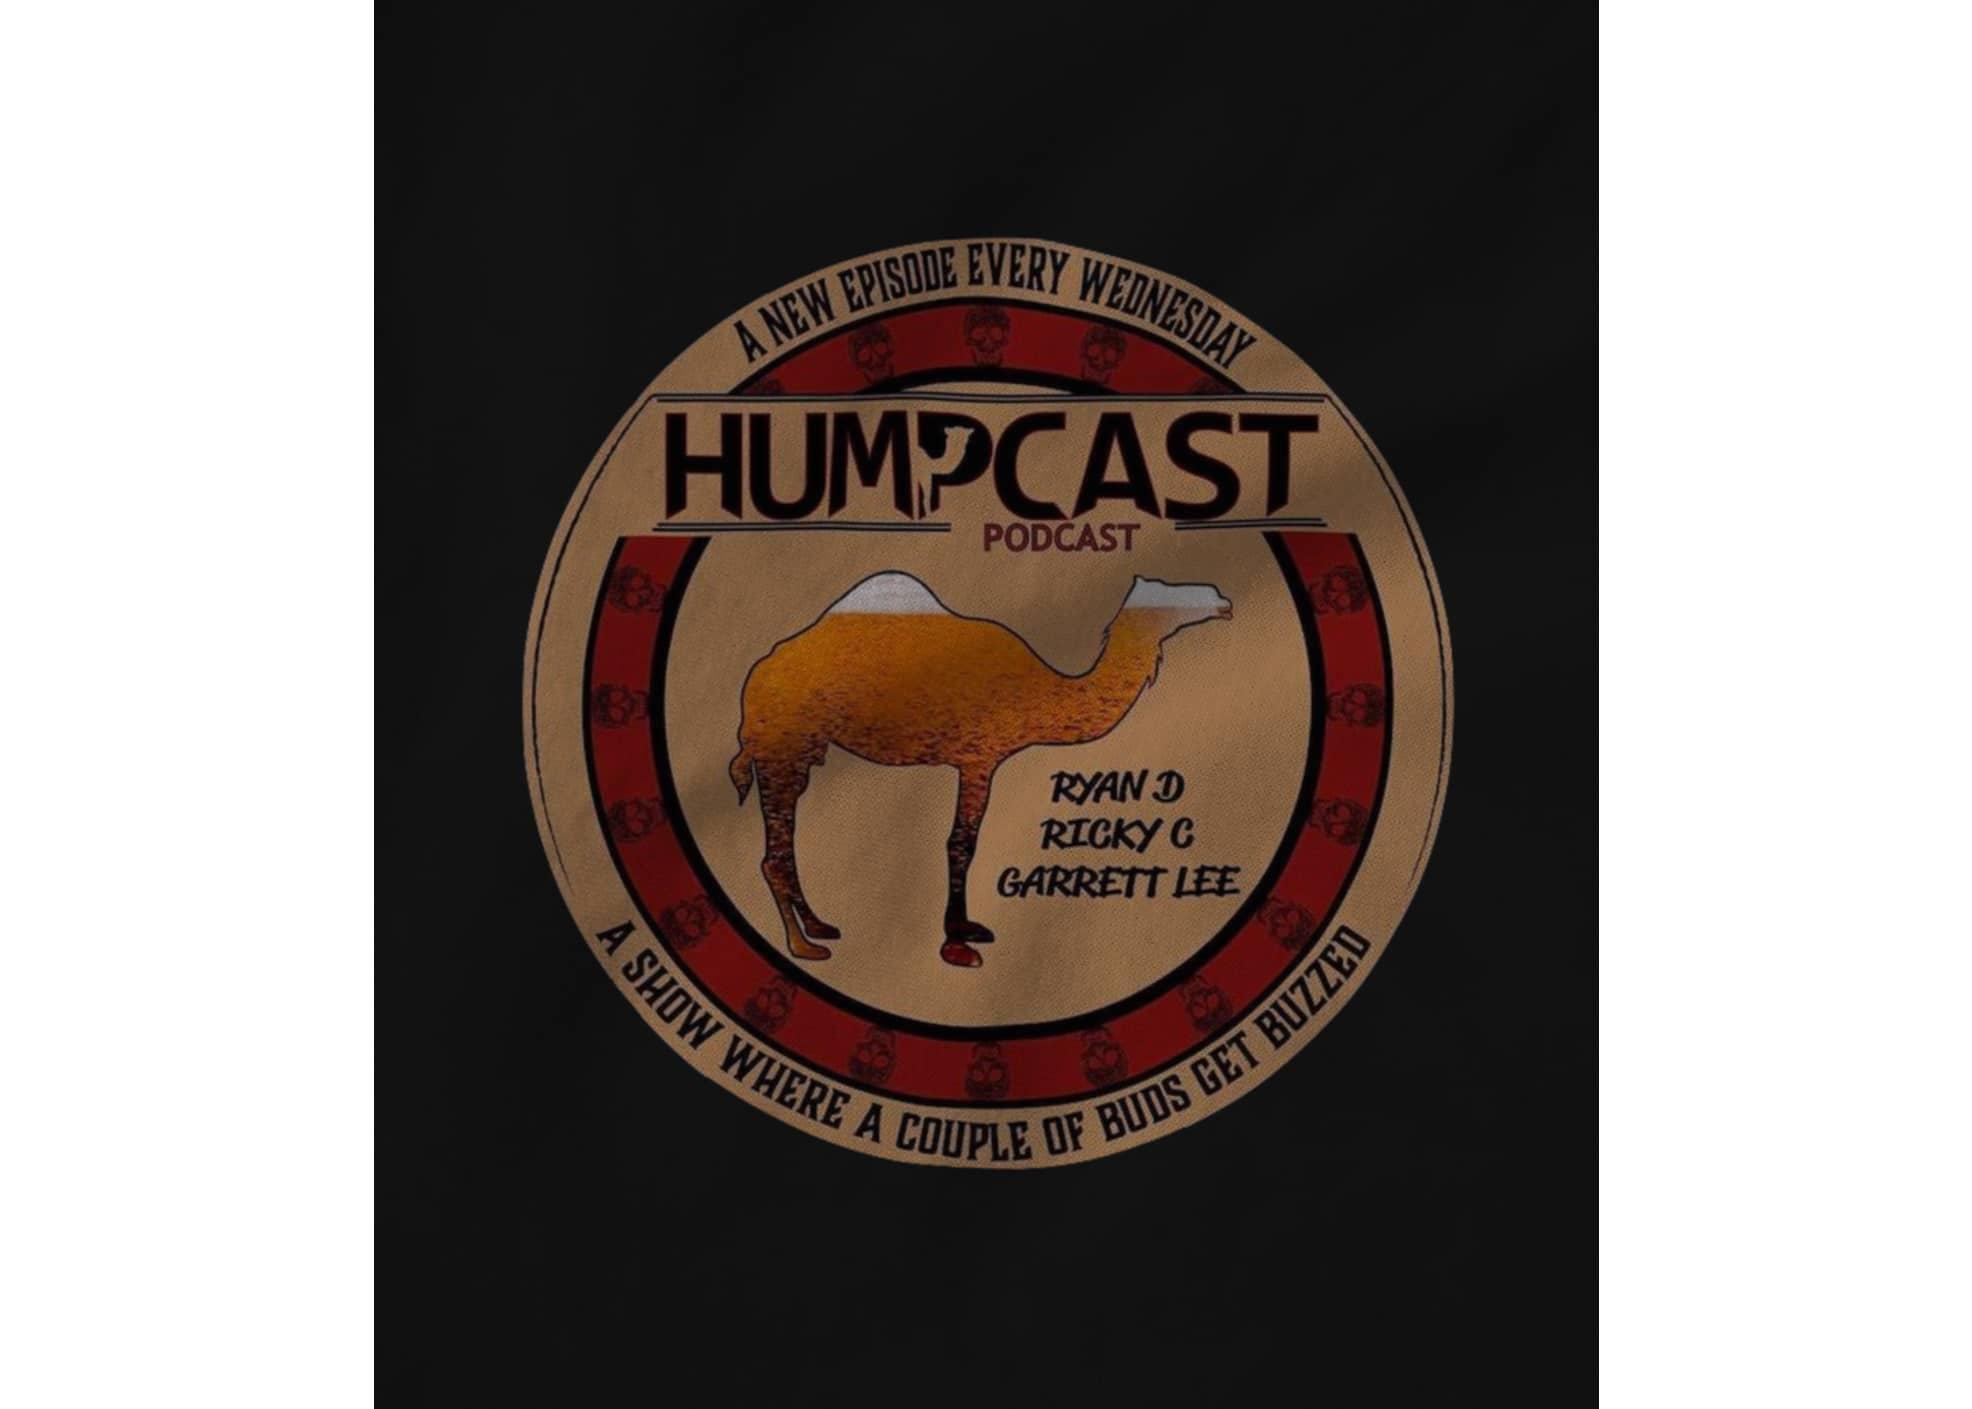 Humpcast humpcast logo 1619826227